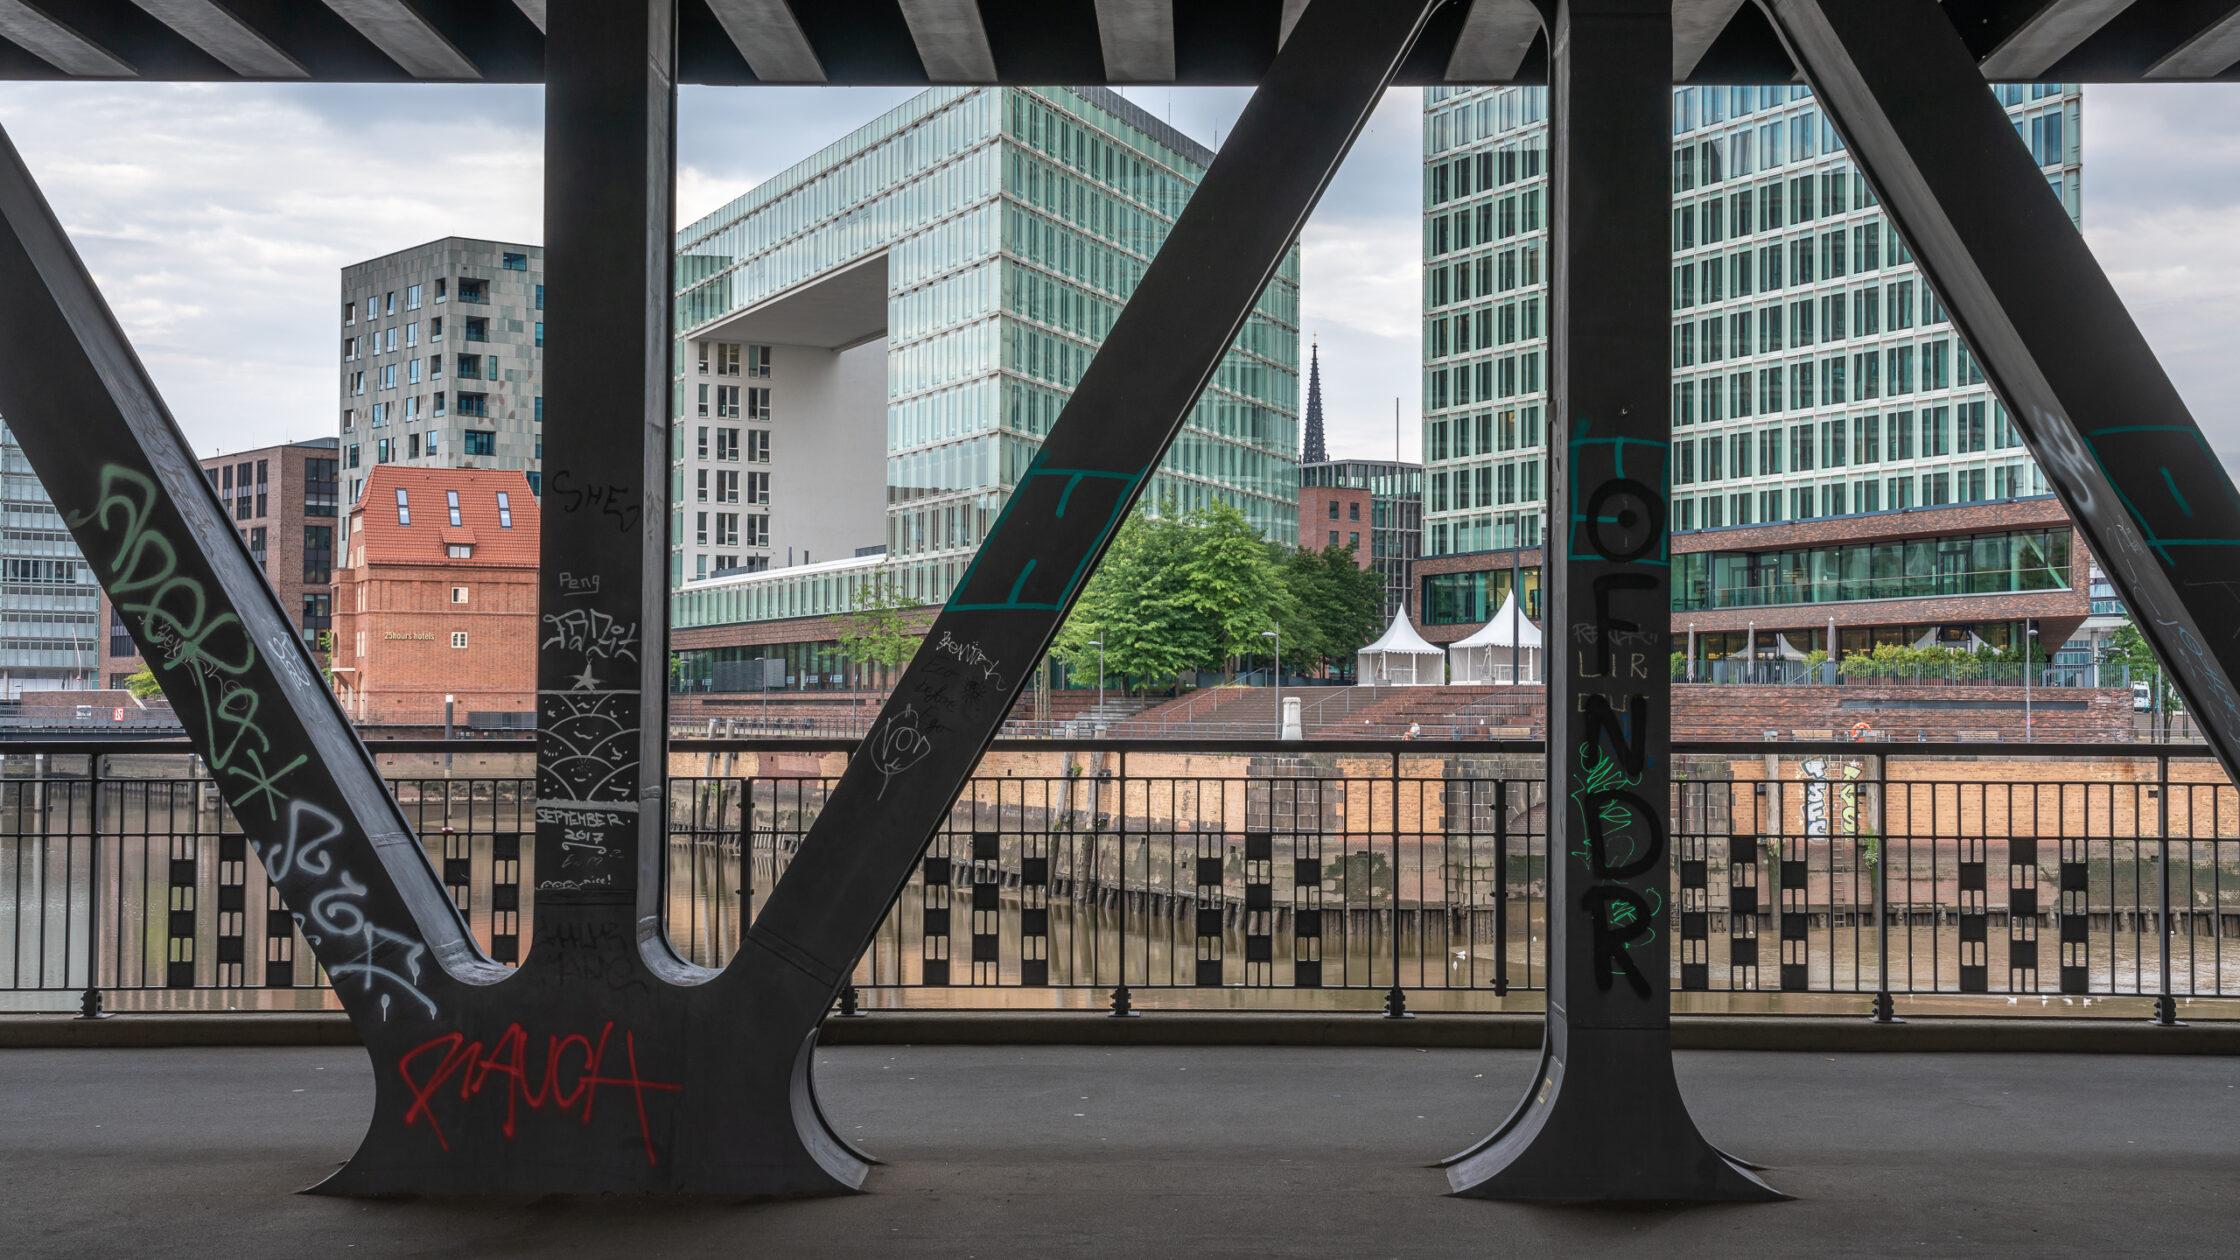 Oberhafenbrücke Hamburg / 20210805072548